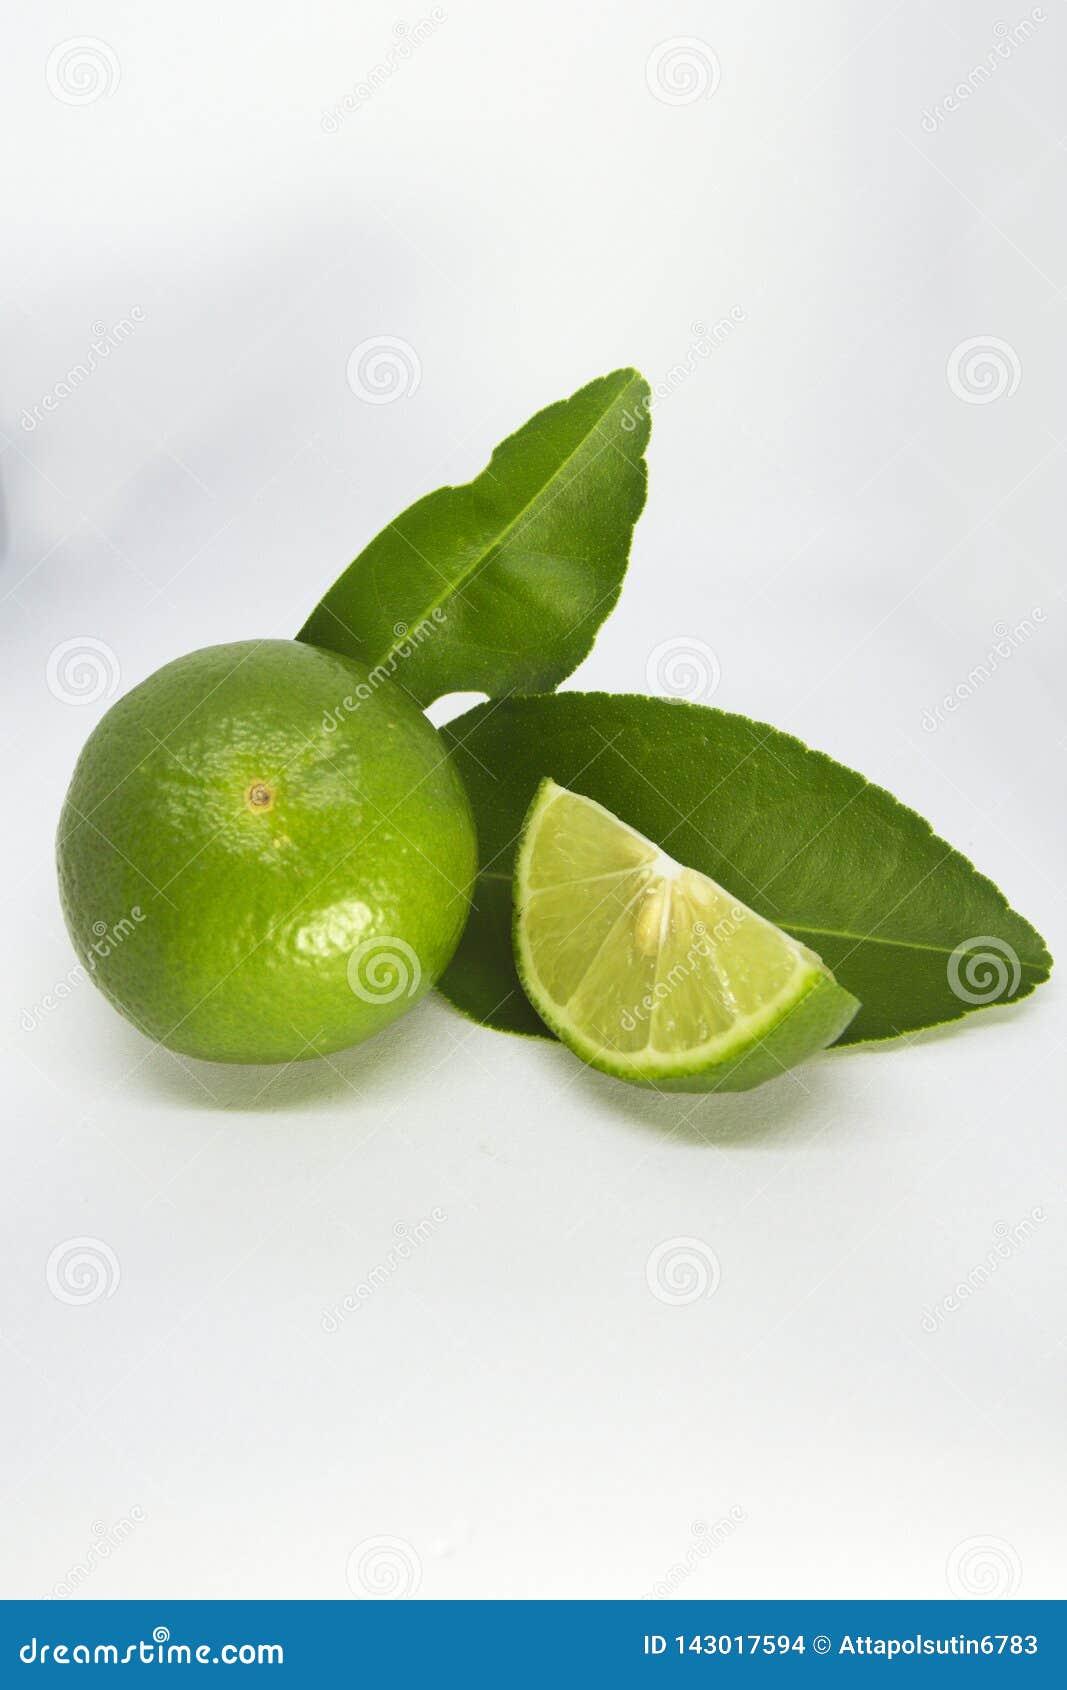 Närbild av limefrukter på vit bakgrund